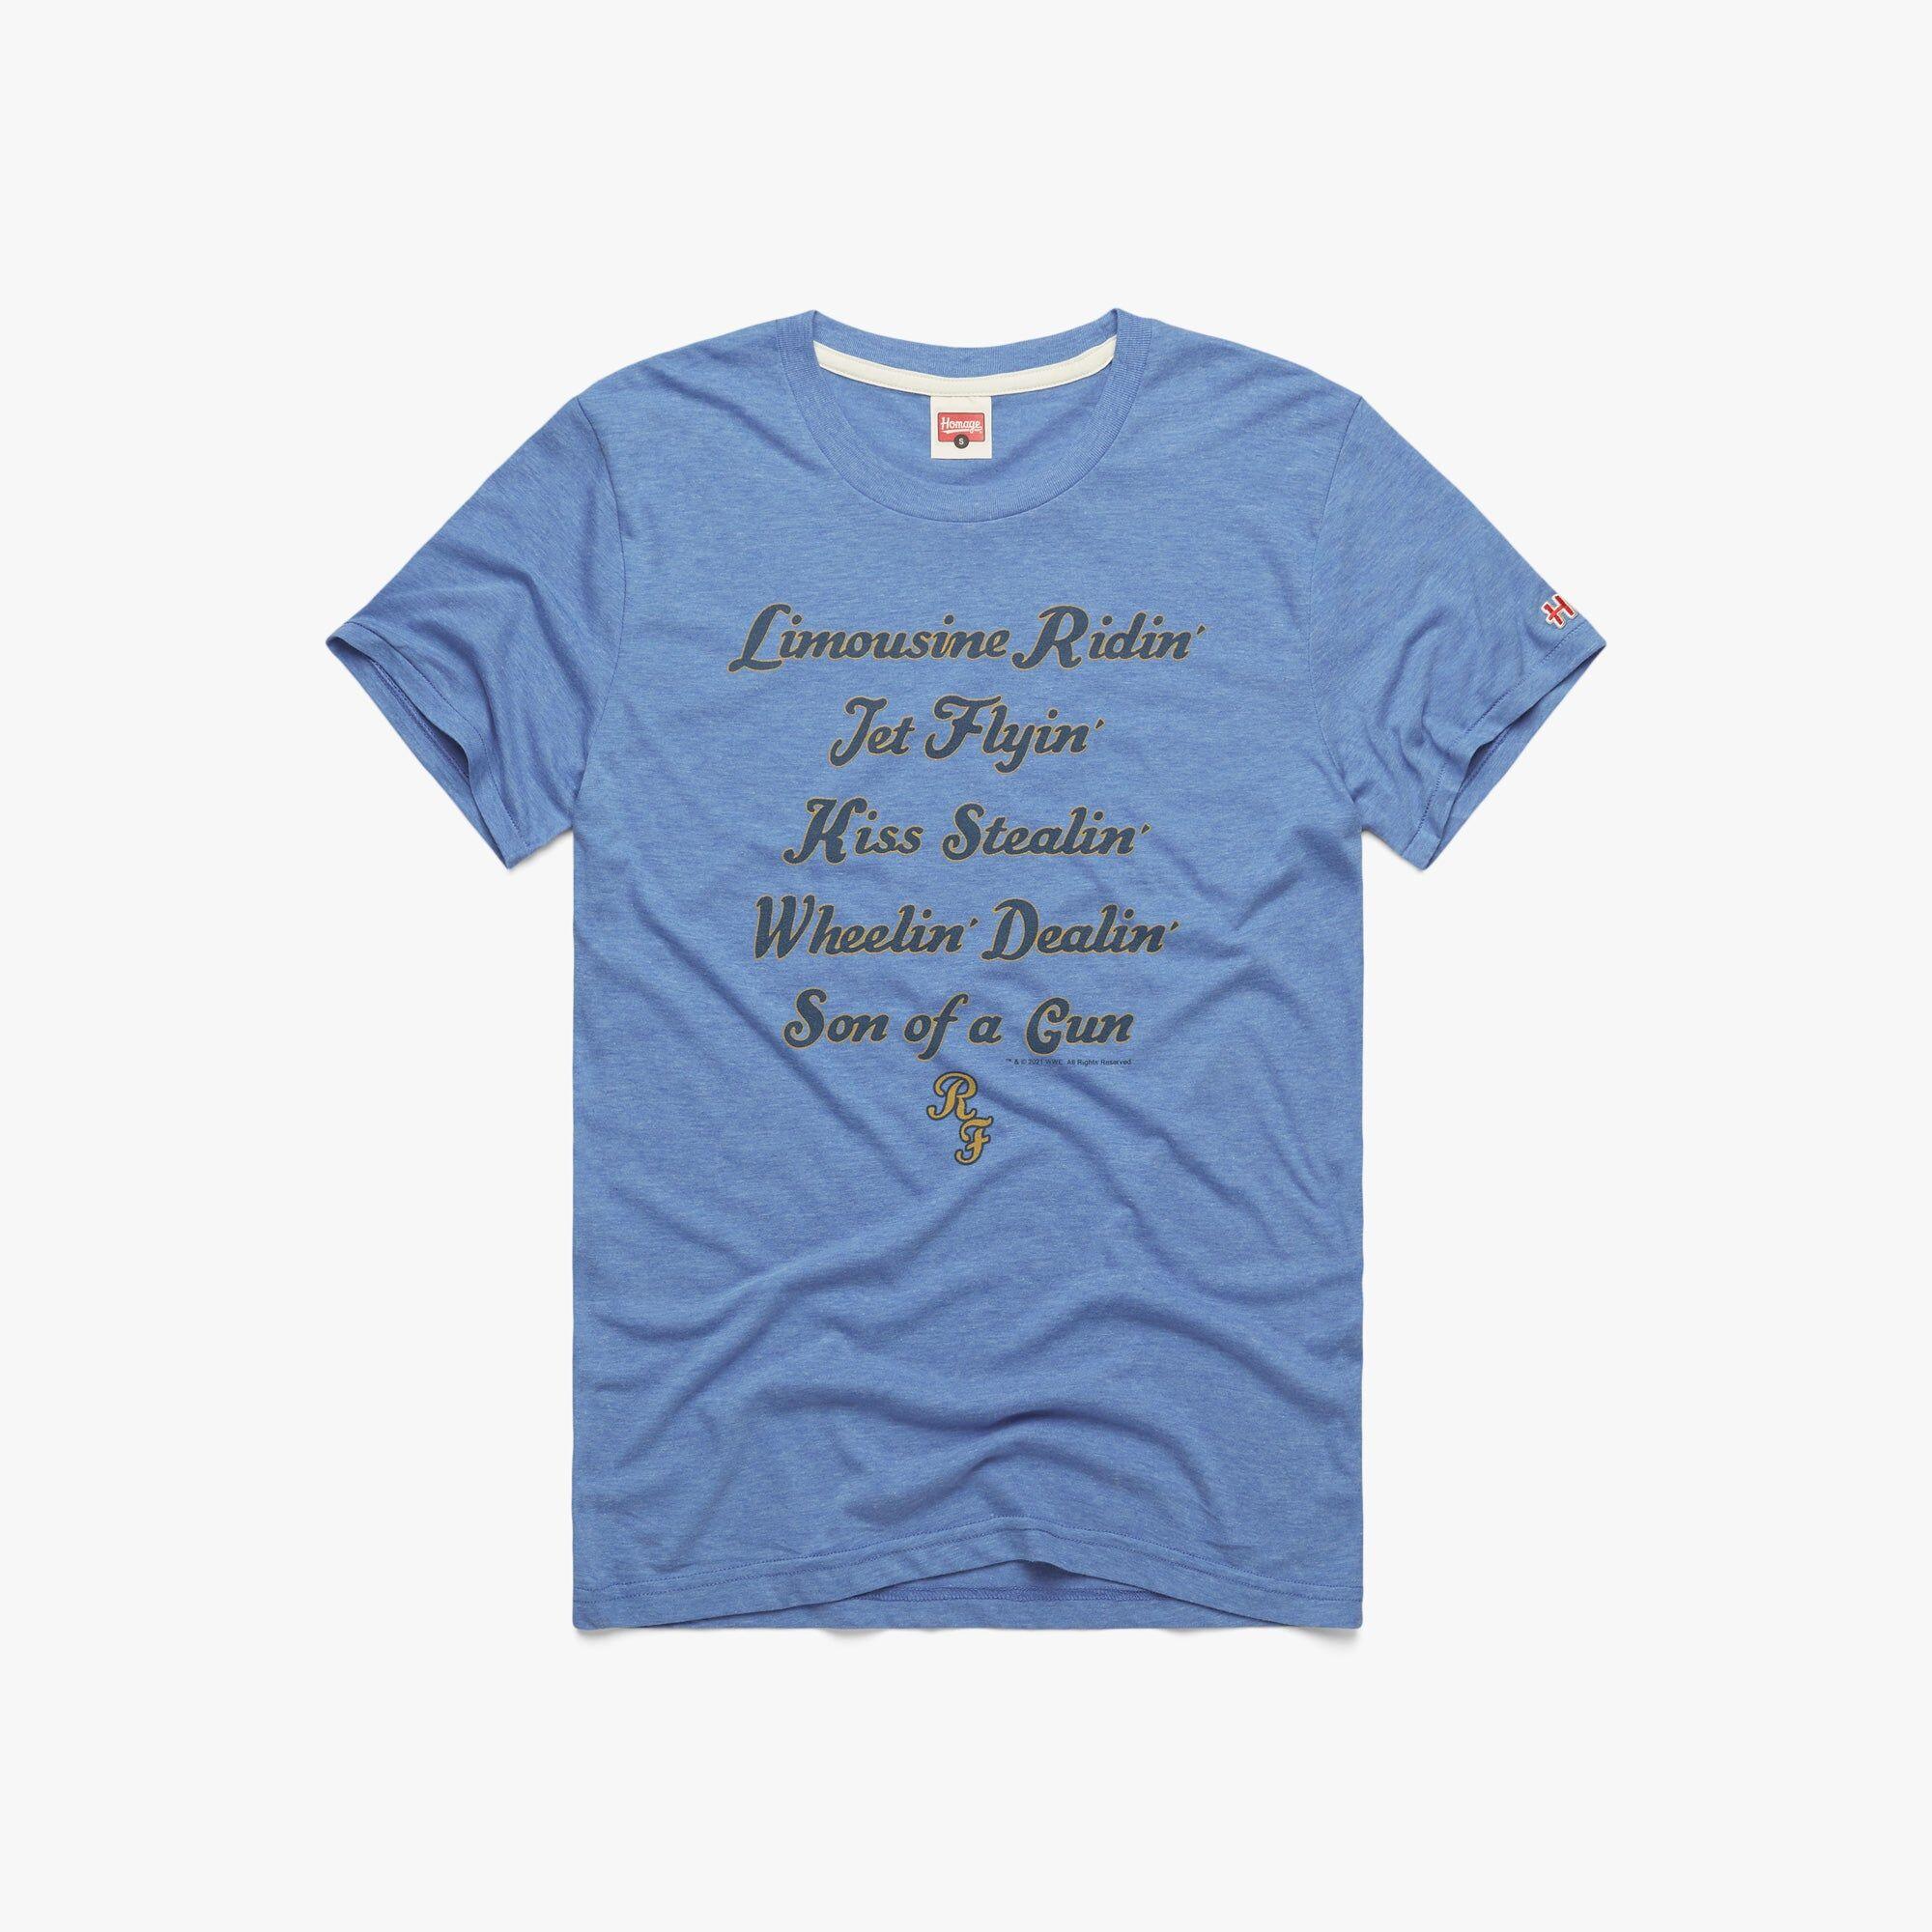 HOMAGE Wheelin Dealin Son Of A Gun in  Blue (Size: S)